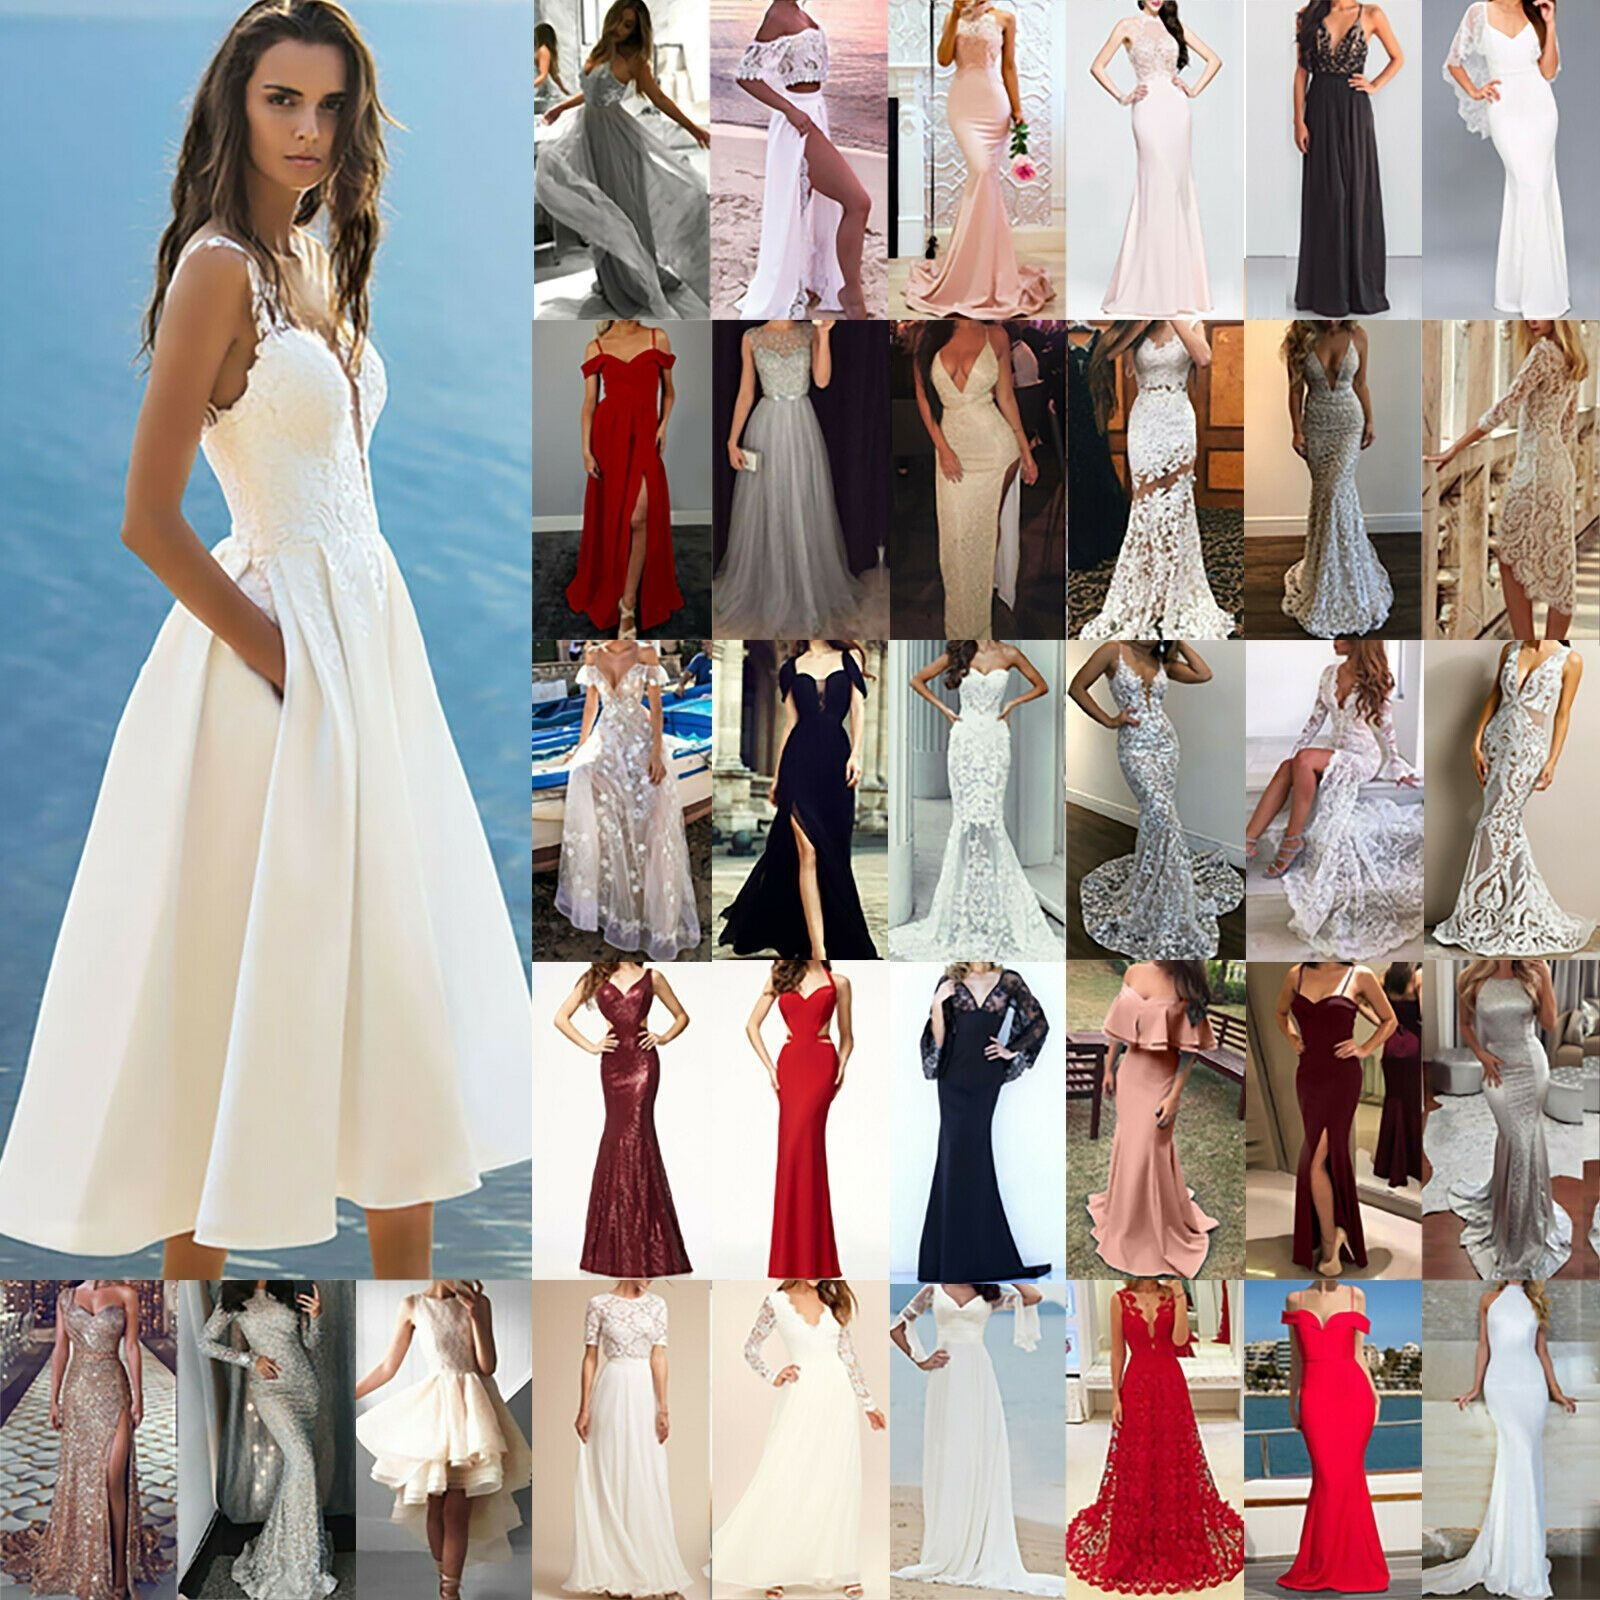 Abendkleid Auf Hochzeit | Kleider Für Hochzeit